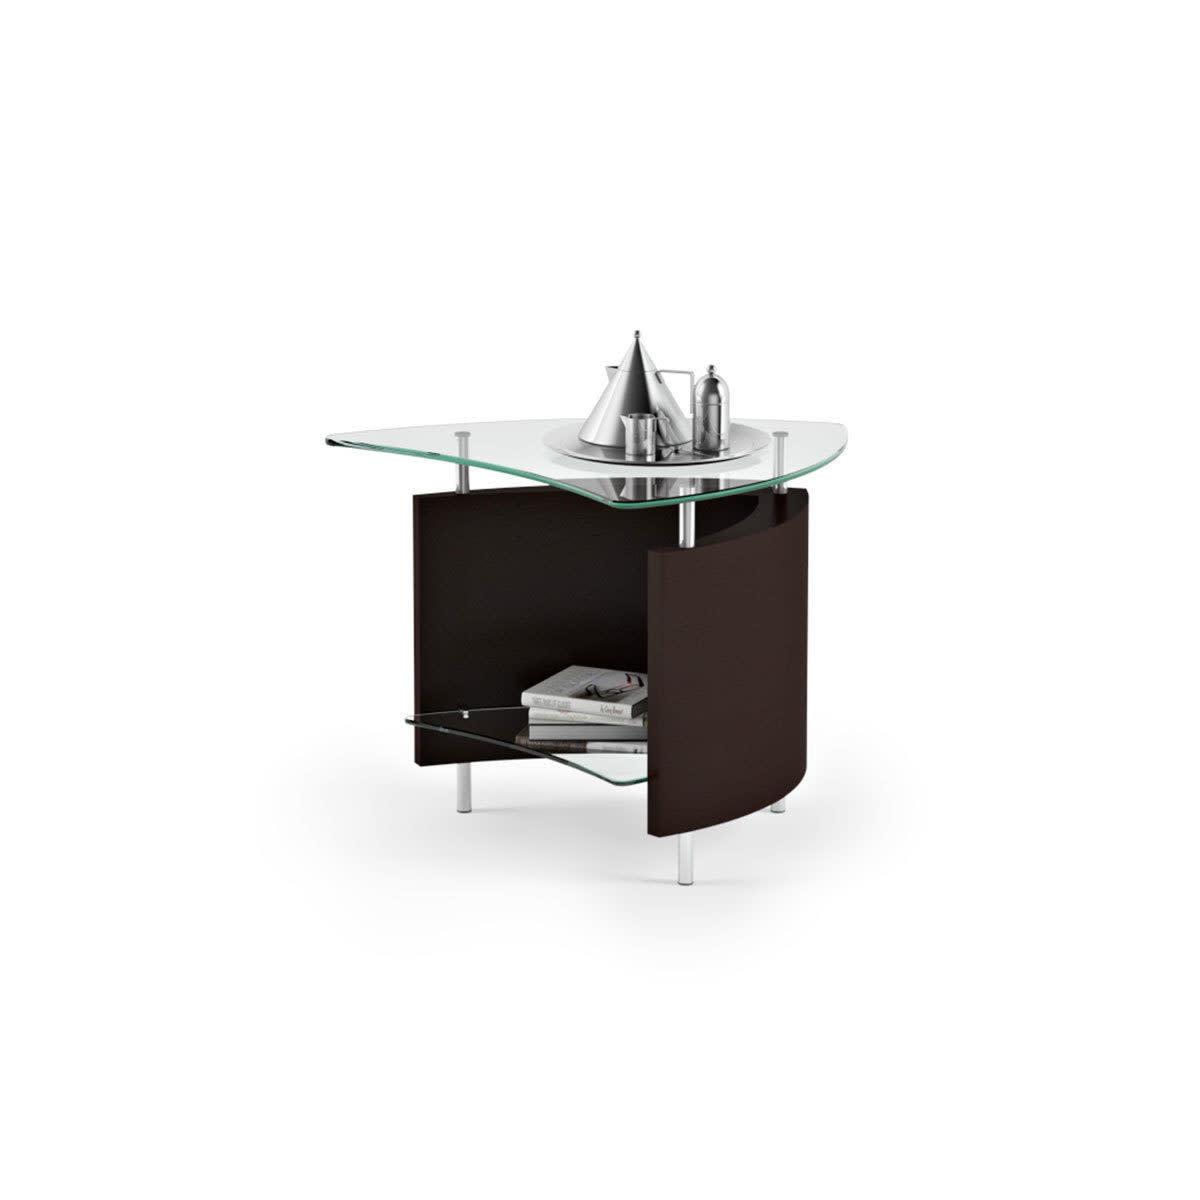 BDI Fin 1110 End table